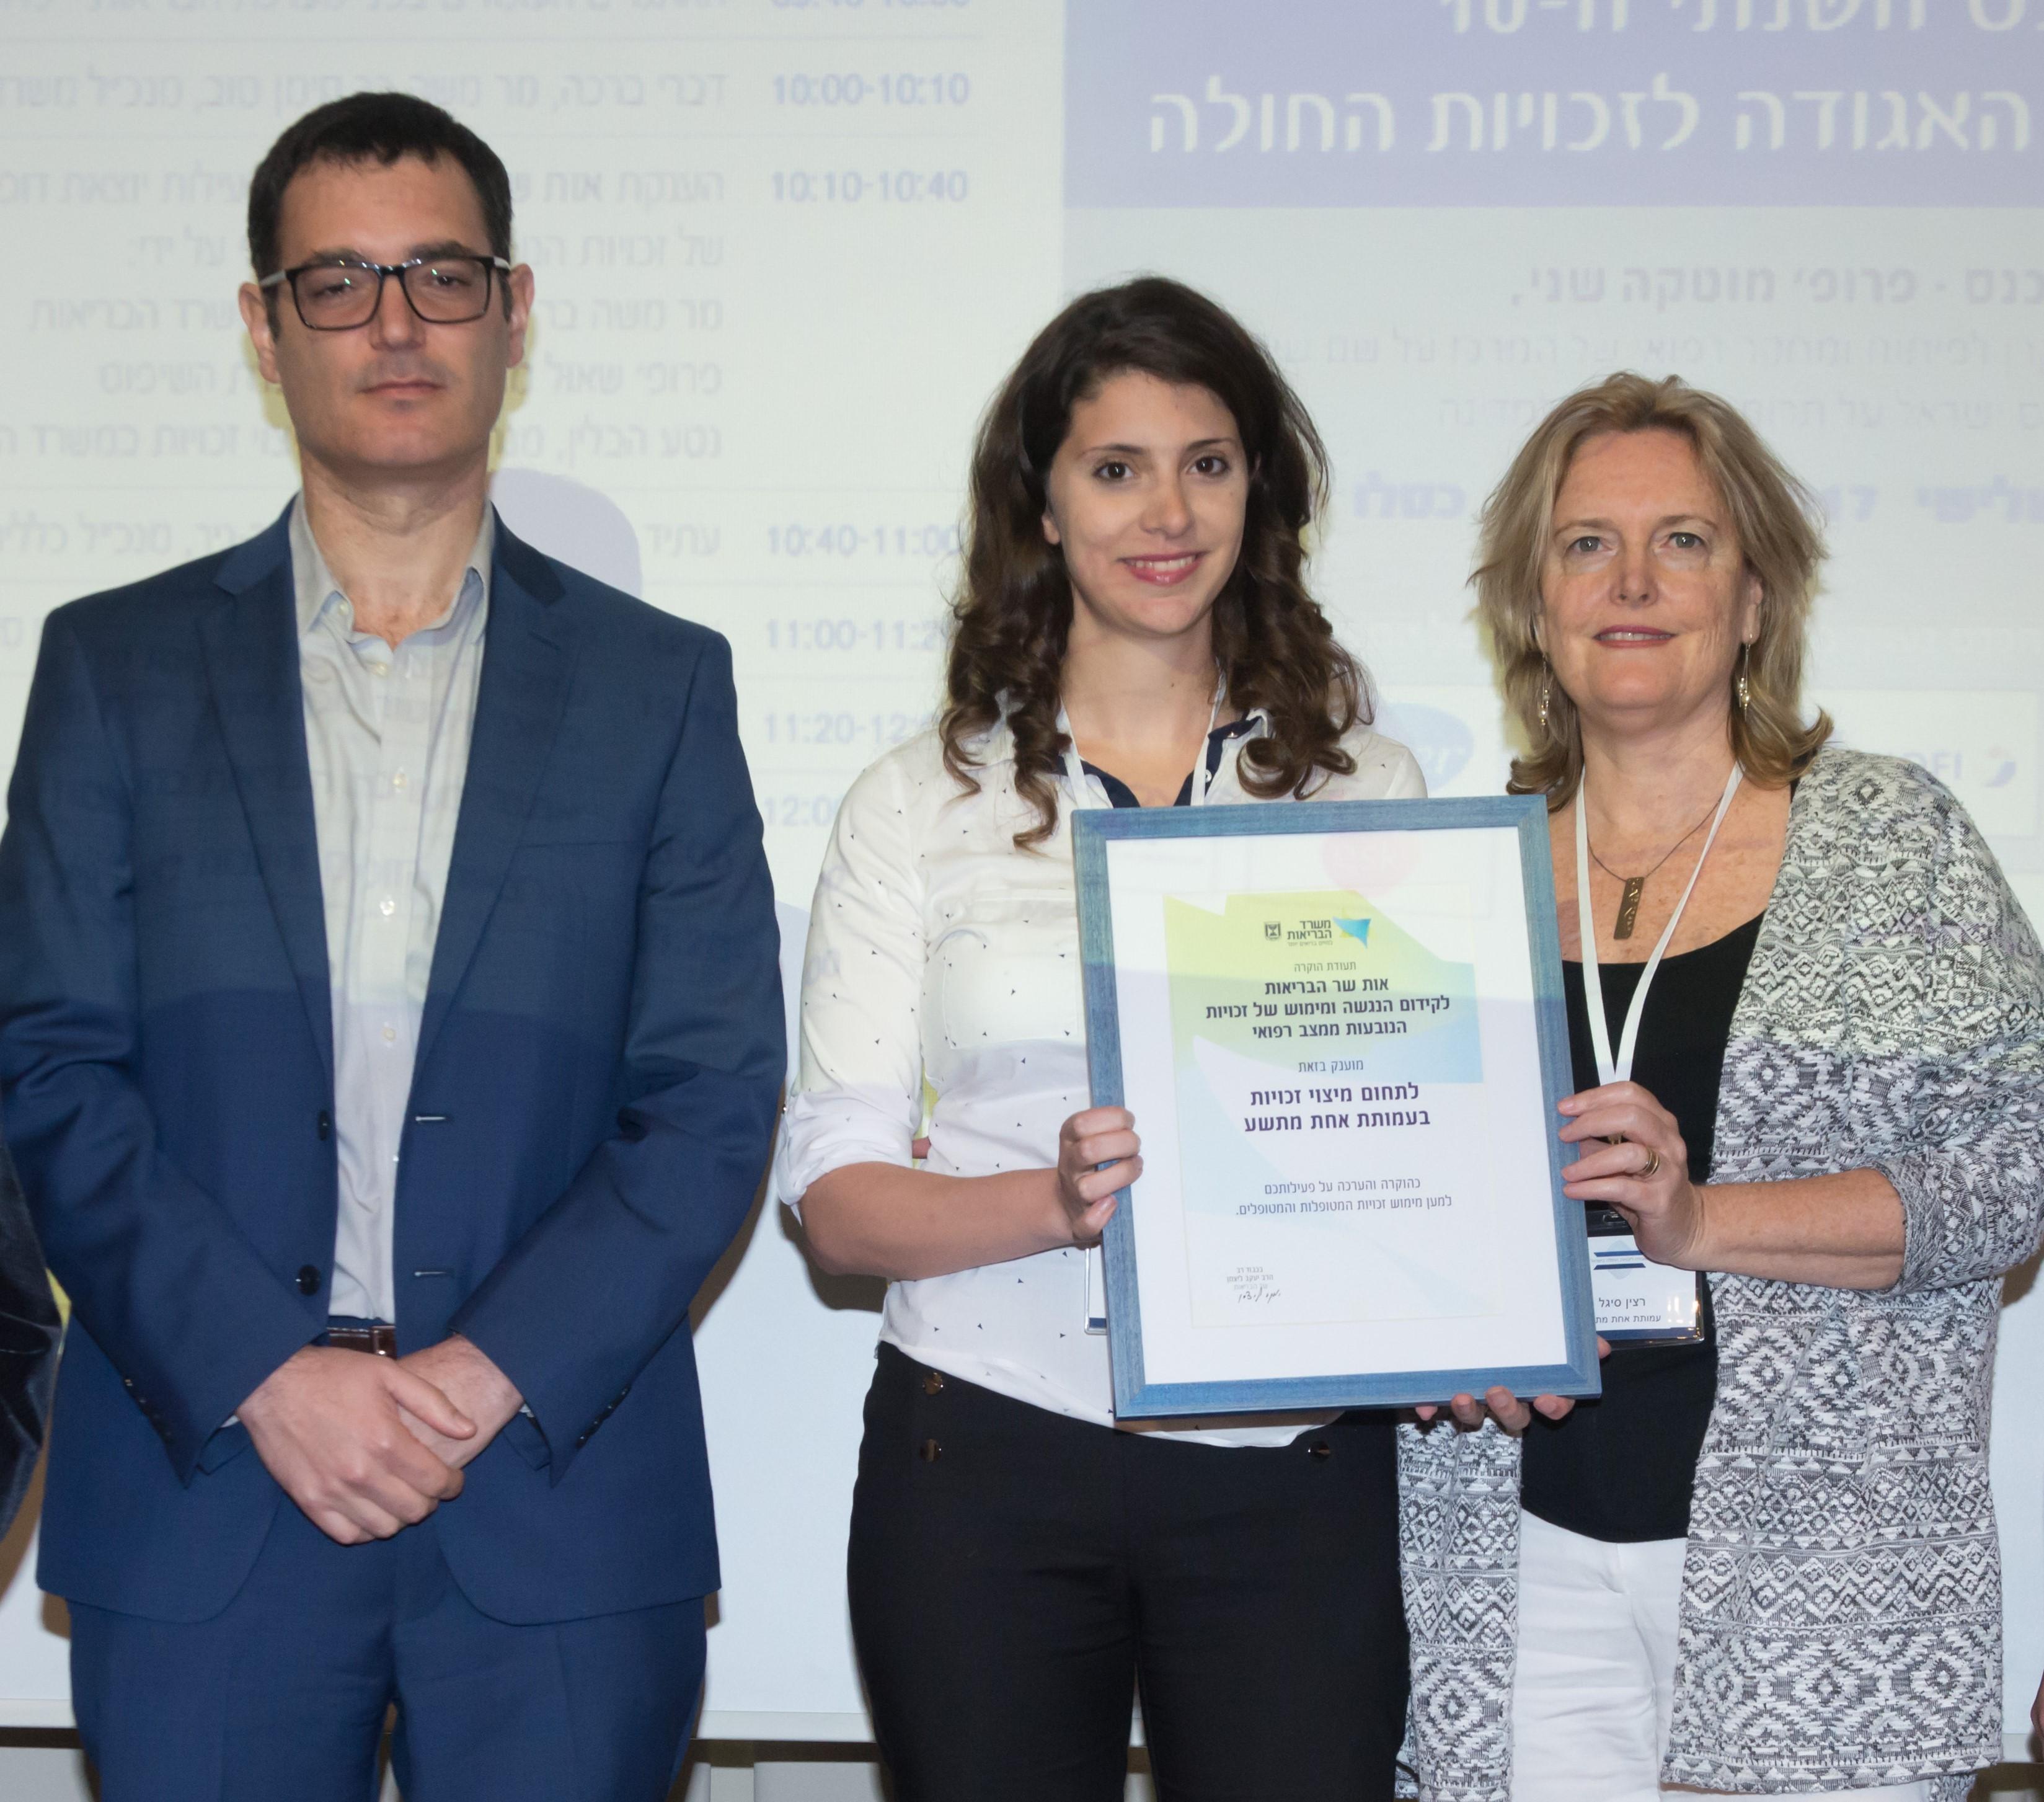 עמותת אחת מתשע קיבלה את אות שר הבריאות למיצוי זכויות